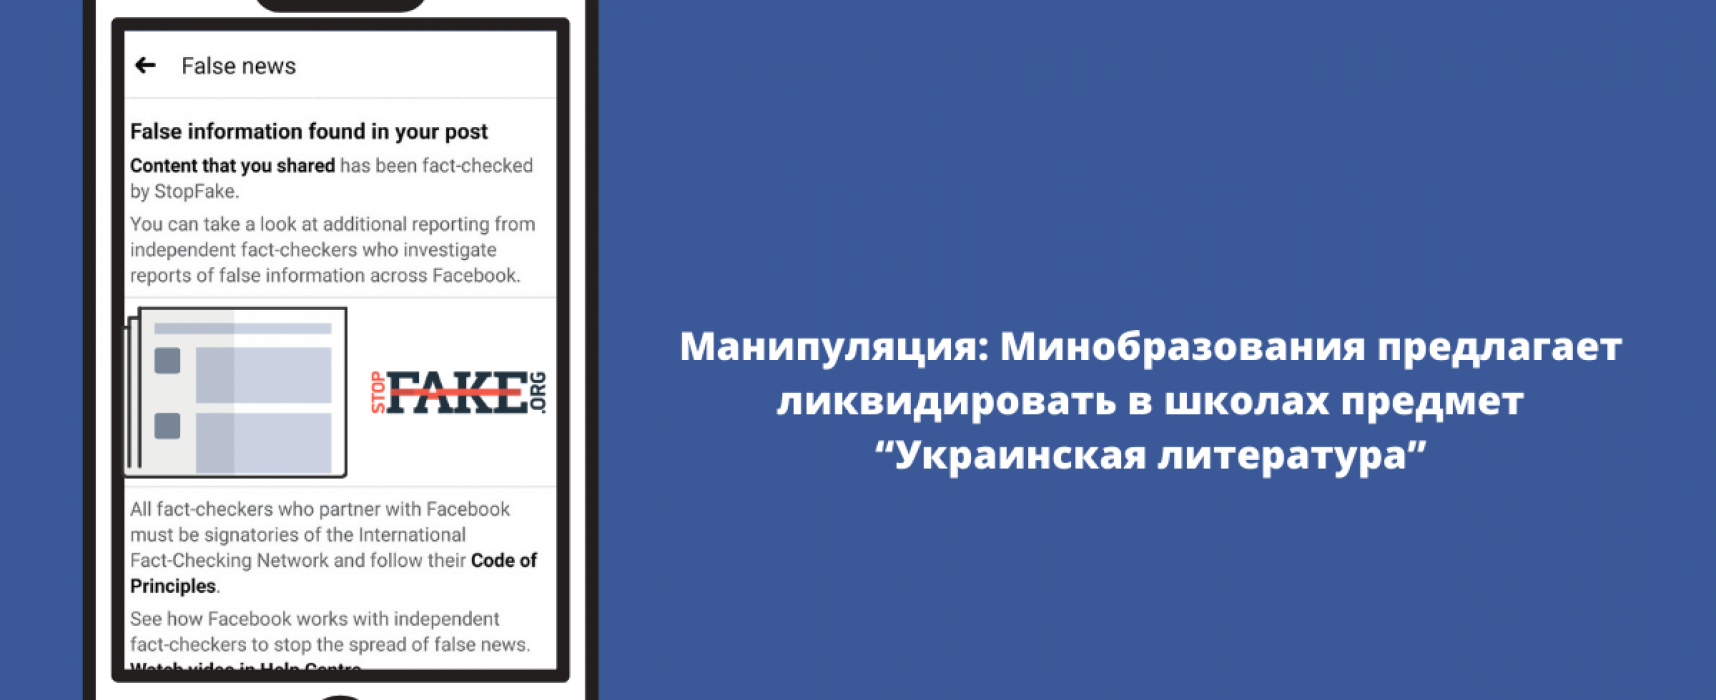 """Манипуляция: Министерство образования предлагает ликвидировать в школах предмет """"Украинская литература"""""""